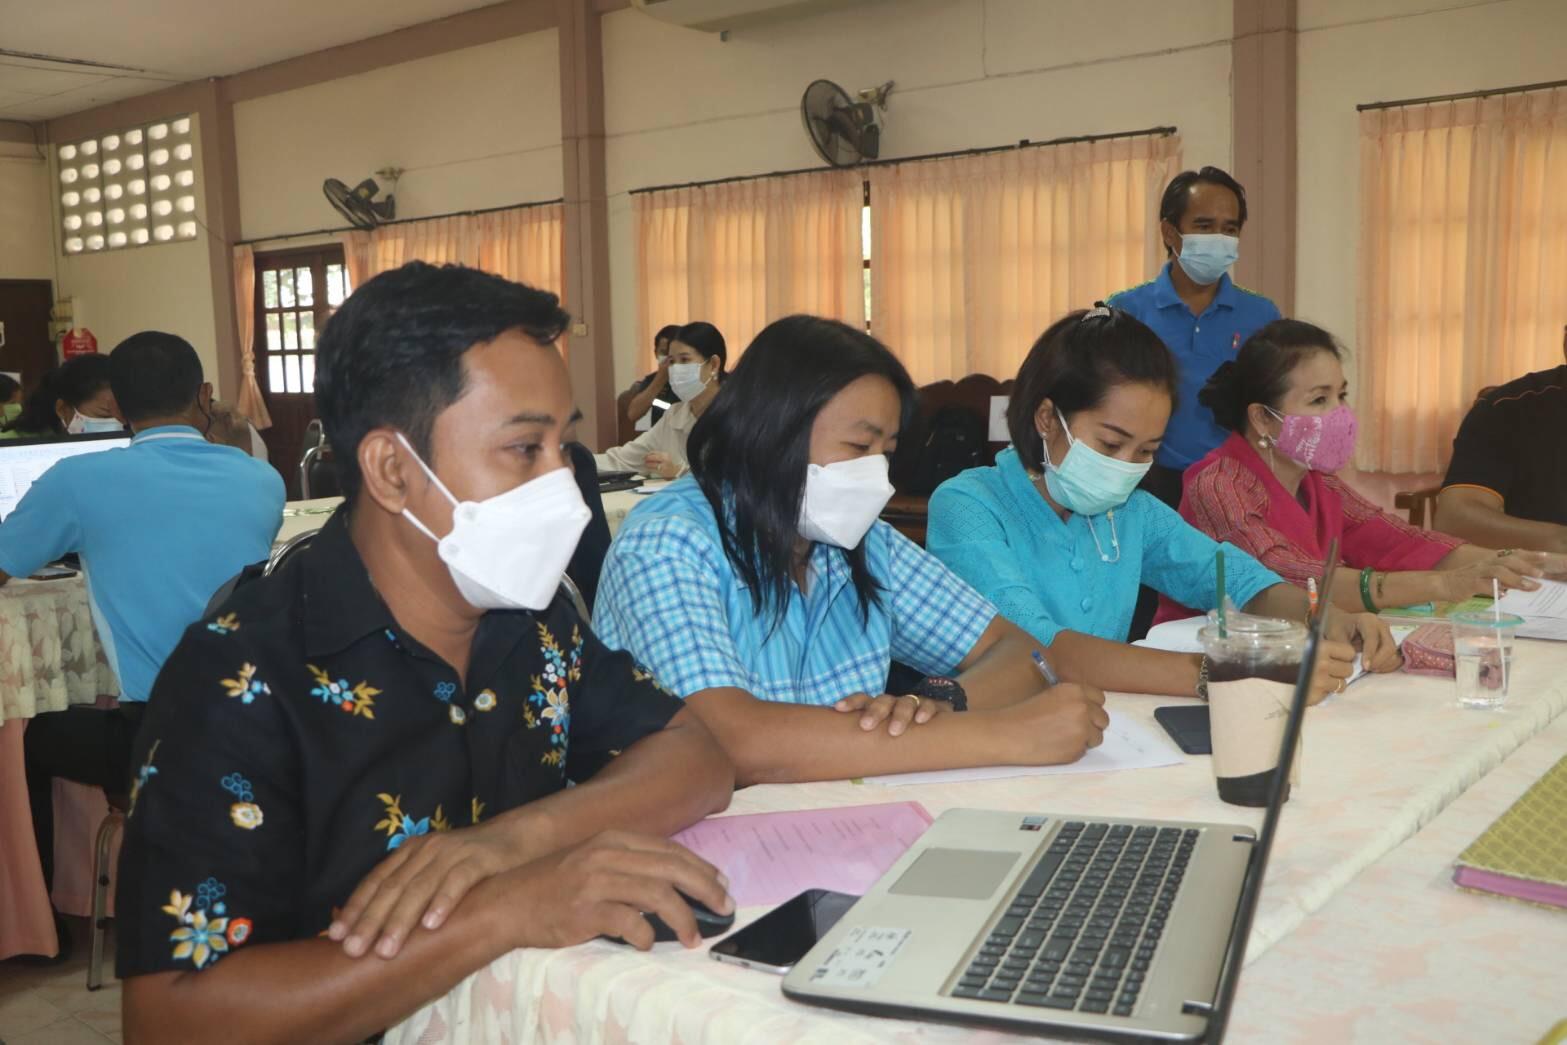 เข้าร่วมโครงการการประชุมปฏิบัติการจัดทำสรุปผลการนิเทศ ติดตาม ประเมินและรายงานผลการจัดกิจกรรม กศน.ของสถานศึกษาฯ